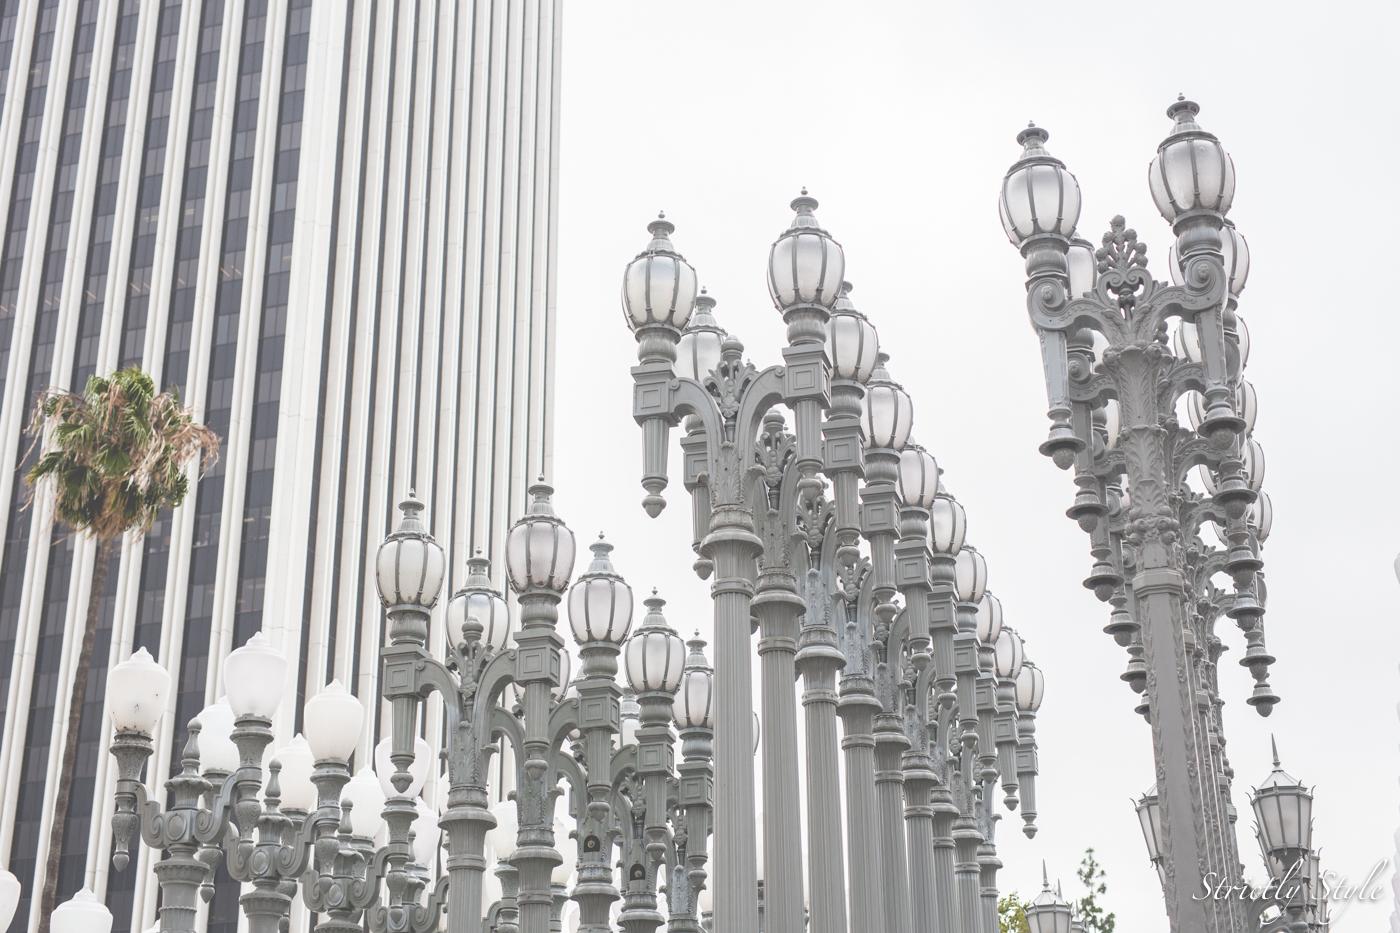 urbanlights-3614